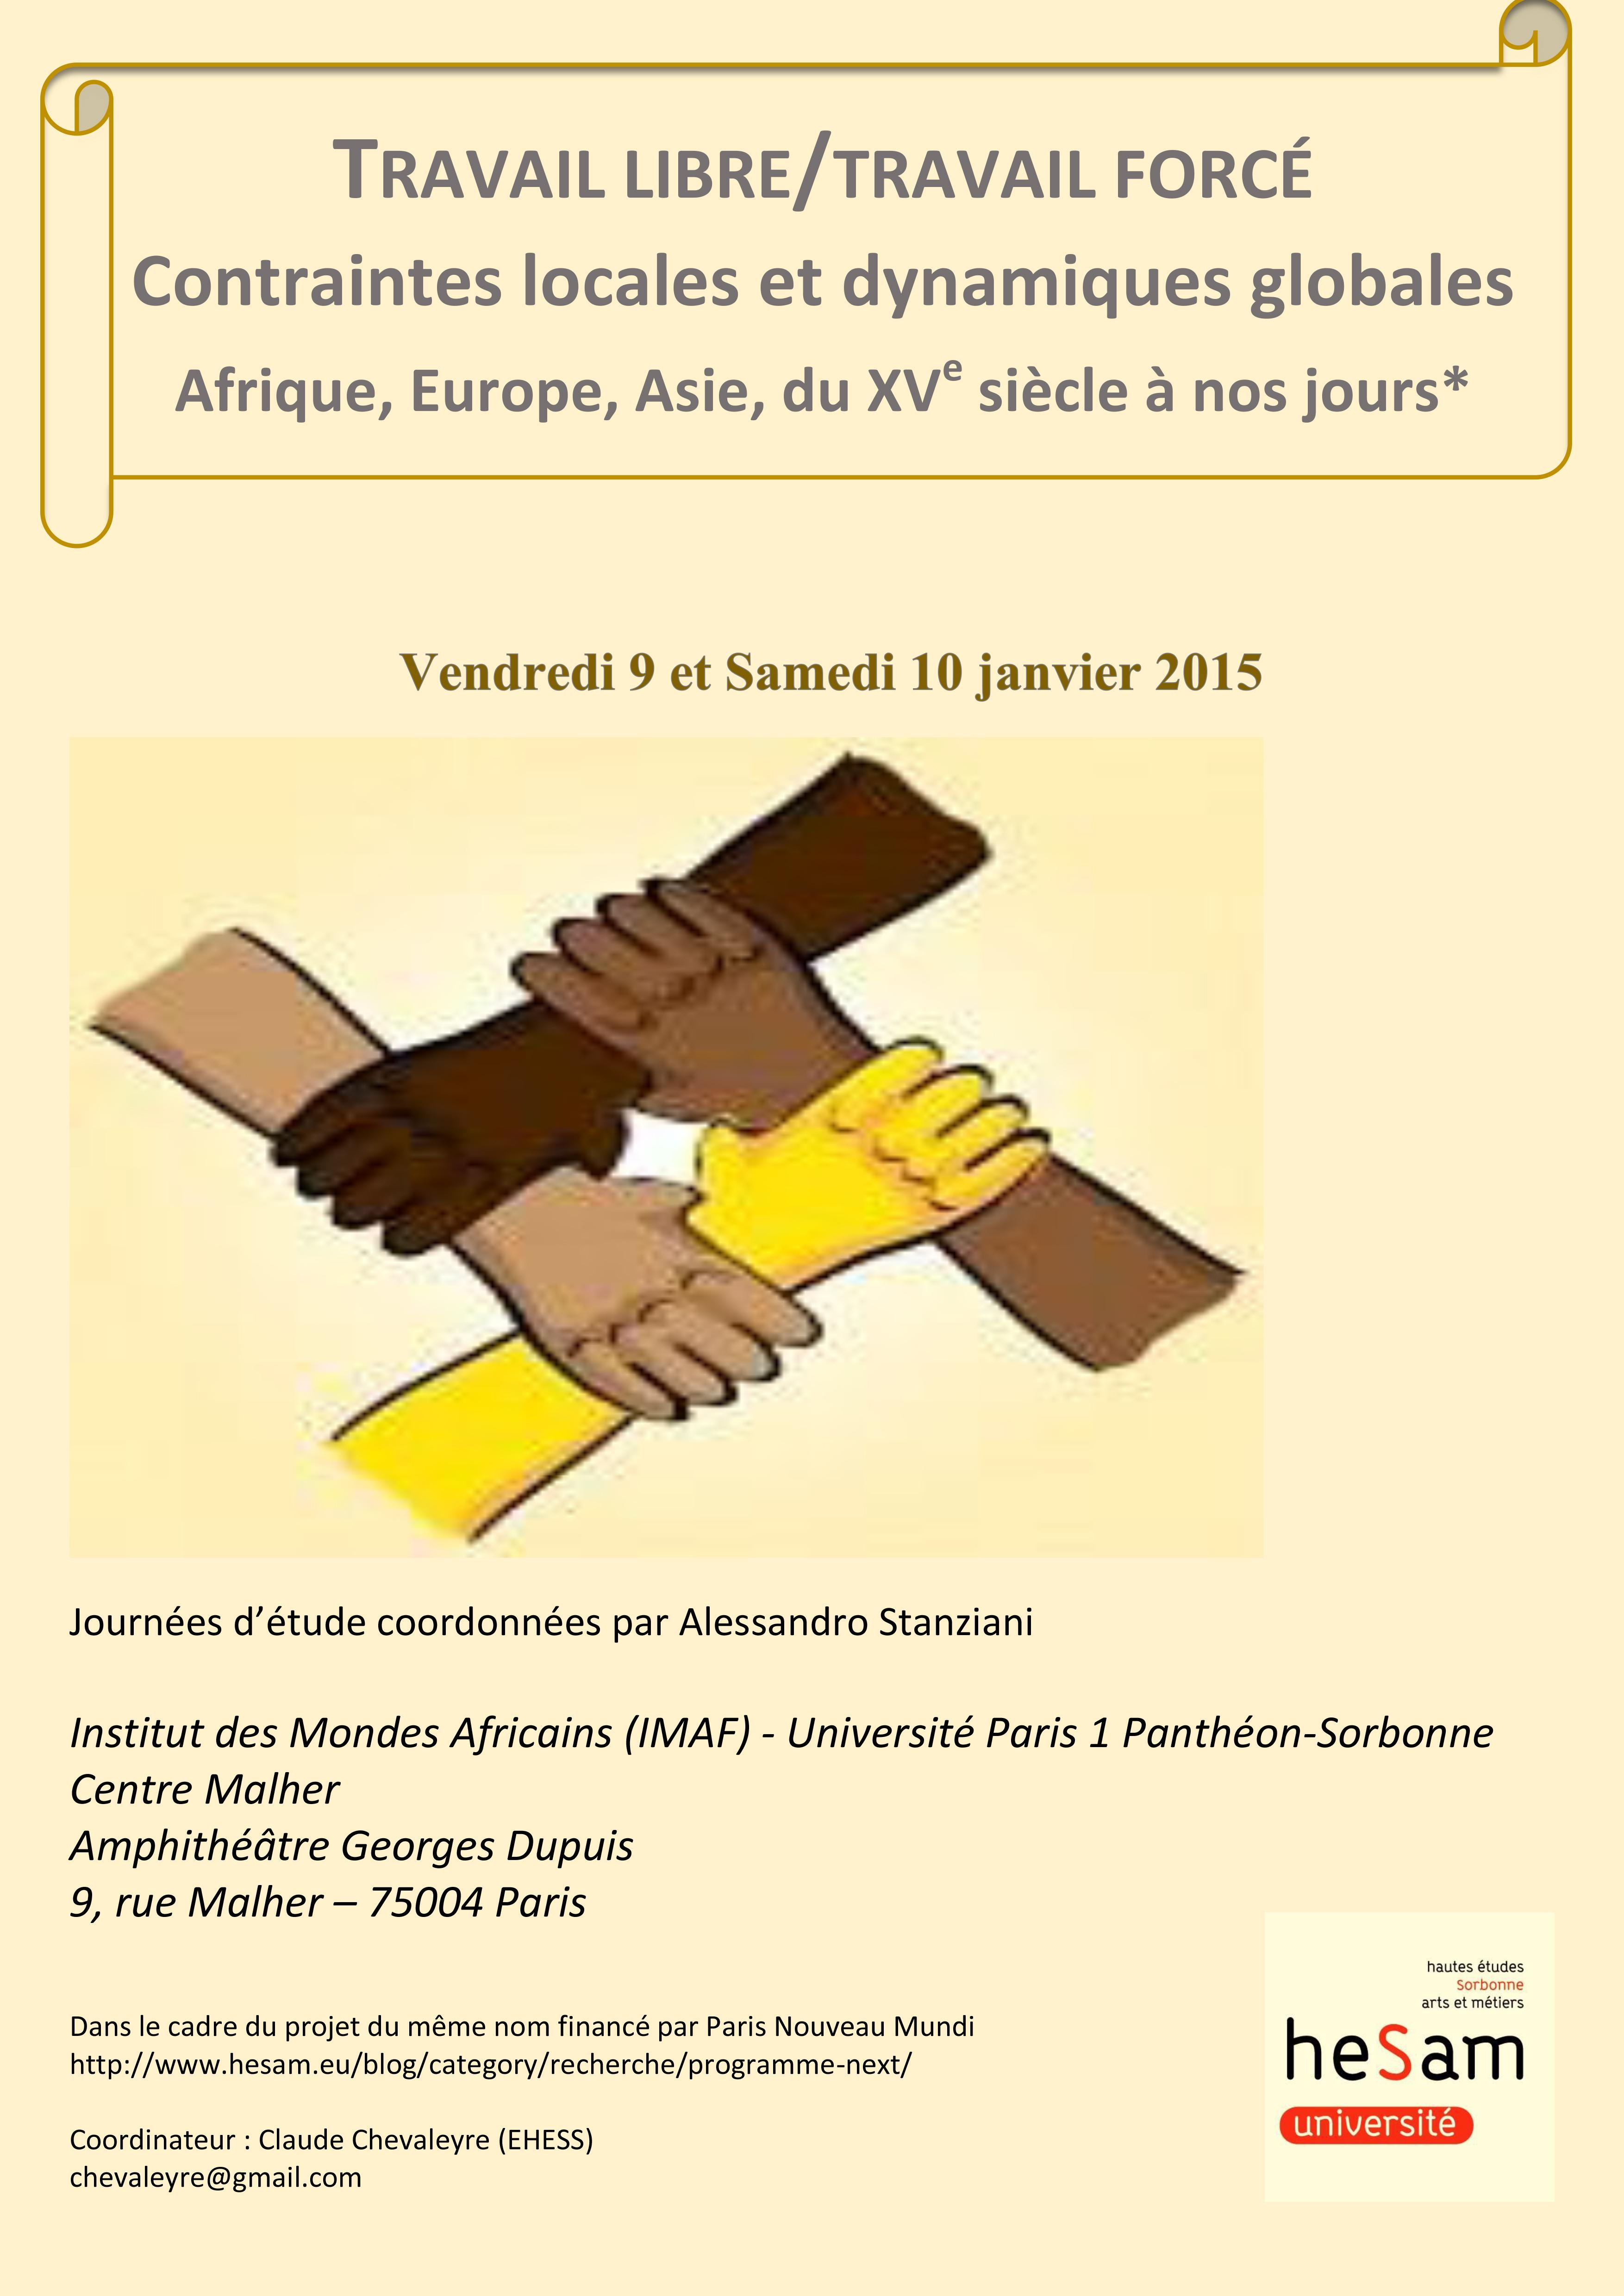 Site de rencontre afrique europe - Cardeoli